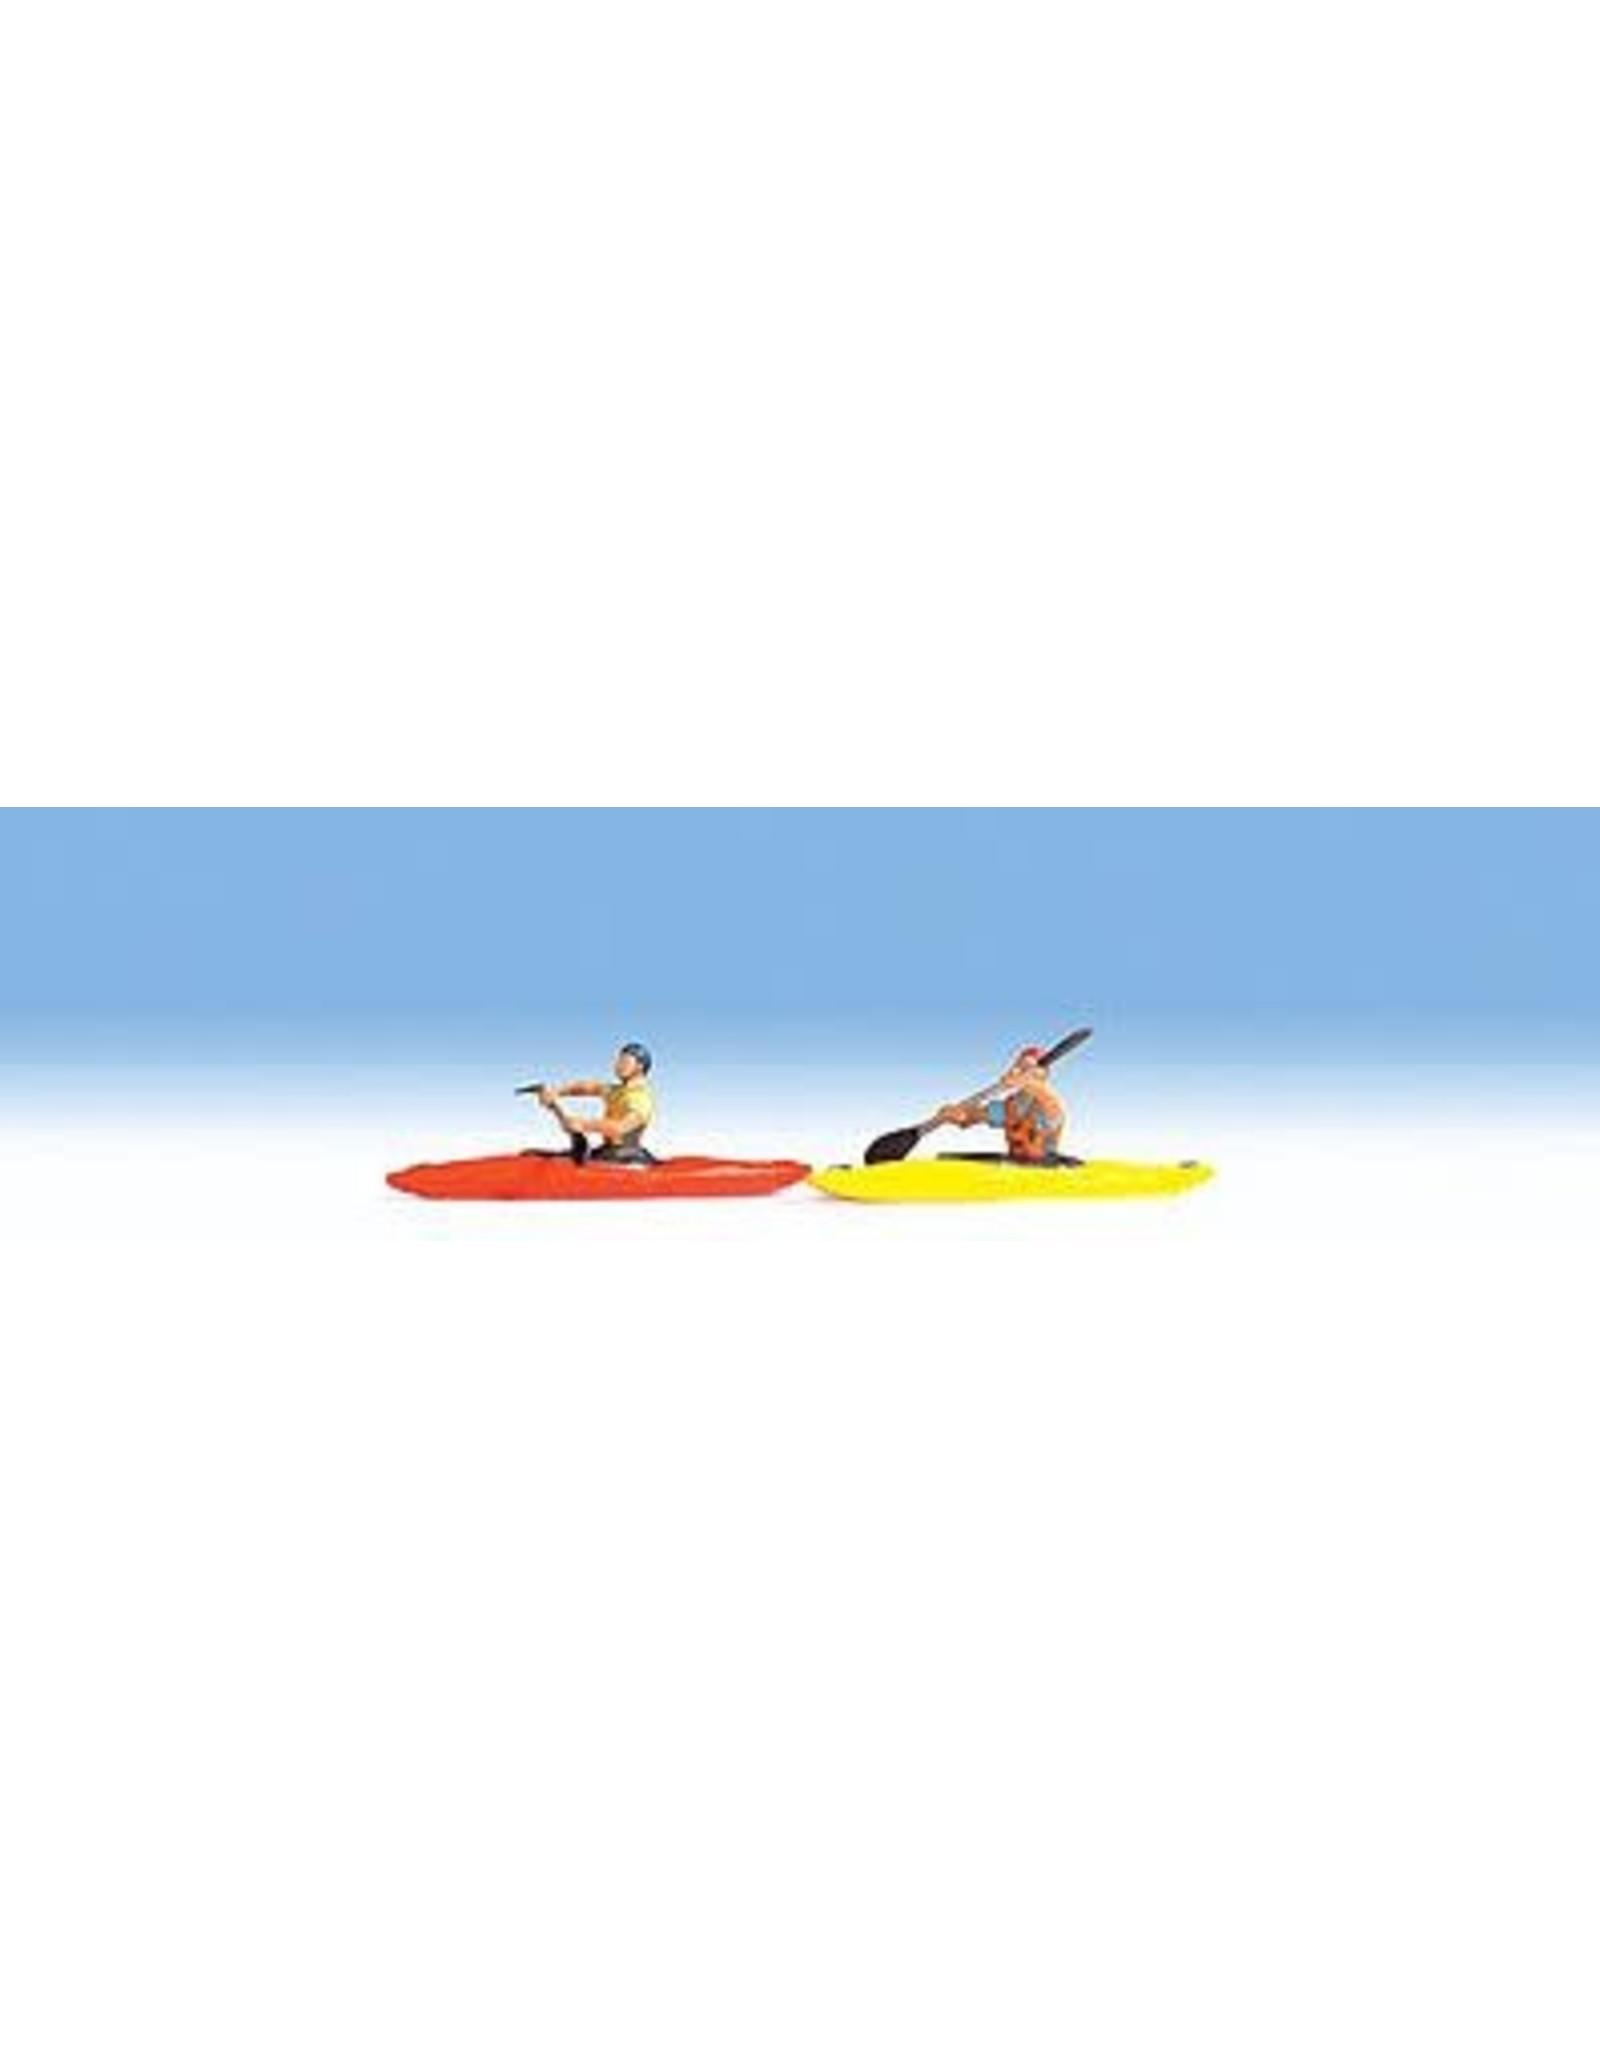 Noch Kayaks n scale 37809